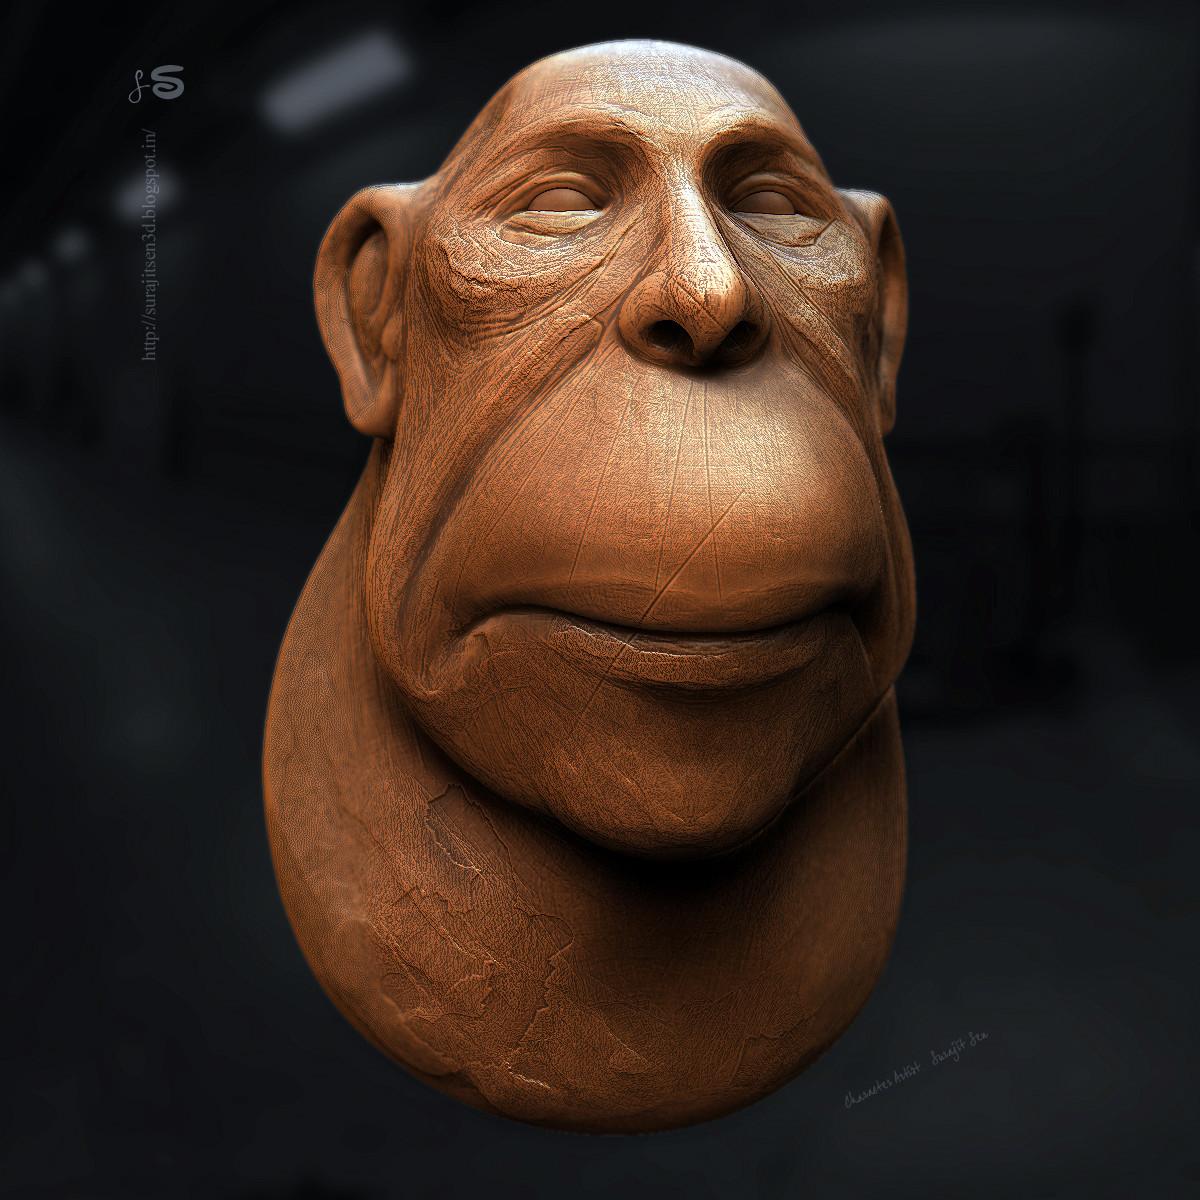 Surajit sen doodle surajitsen clay hex sculpt 08032018 copy